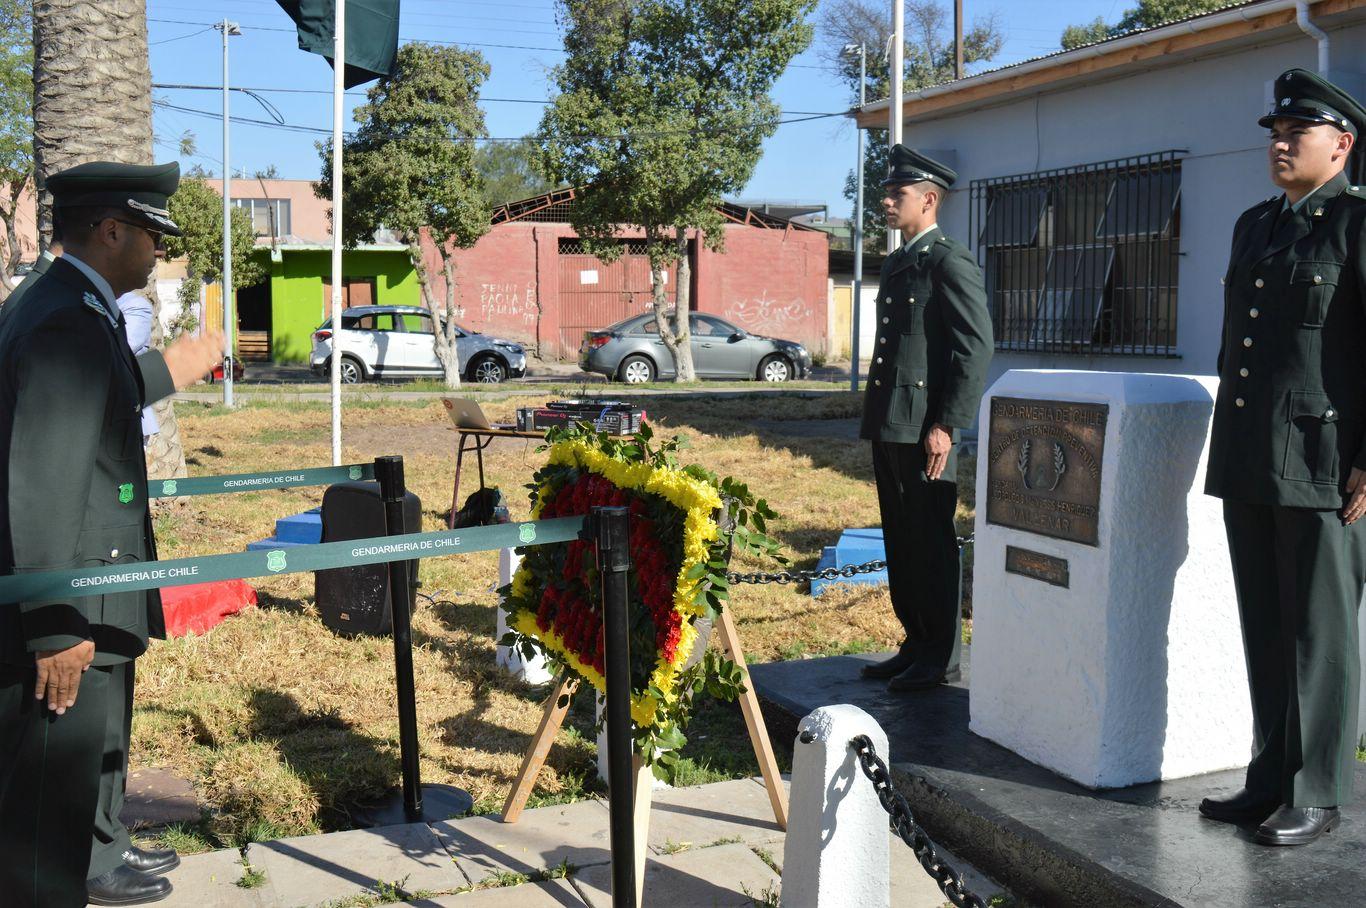 Gendarmería rinde honores a mártir en Vallenar